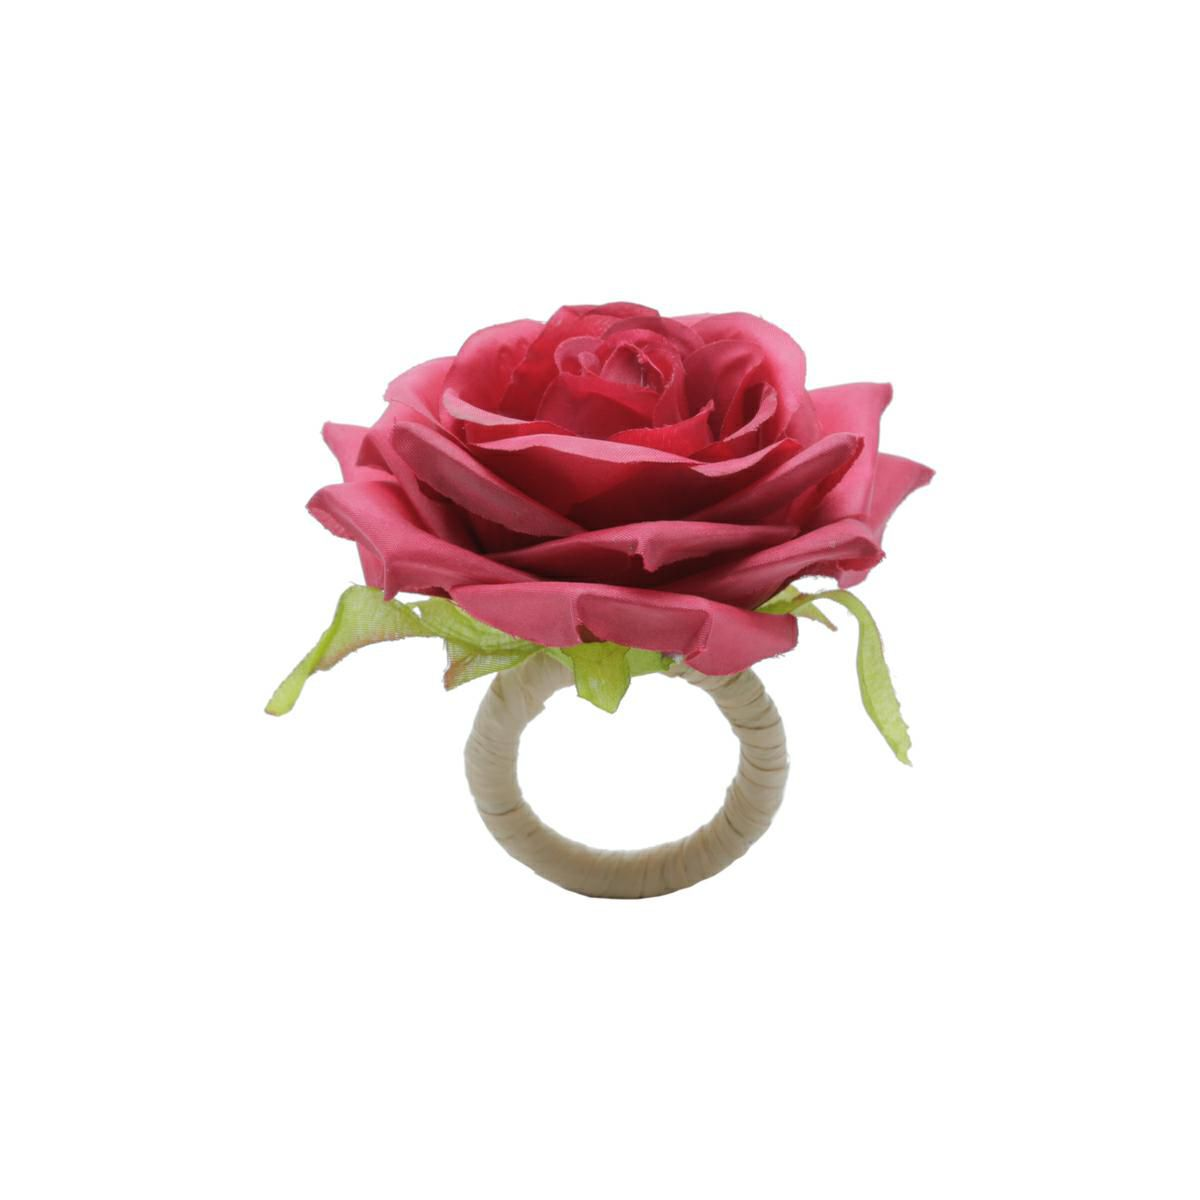 Jogo 4 anéis para guardanapo 13 cm de plástico Rosa Vermelha Bon Gourmet - 35477